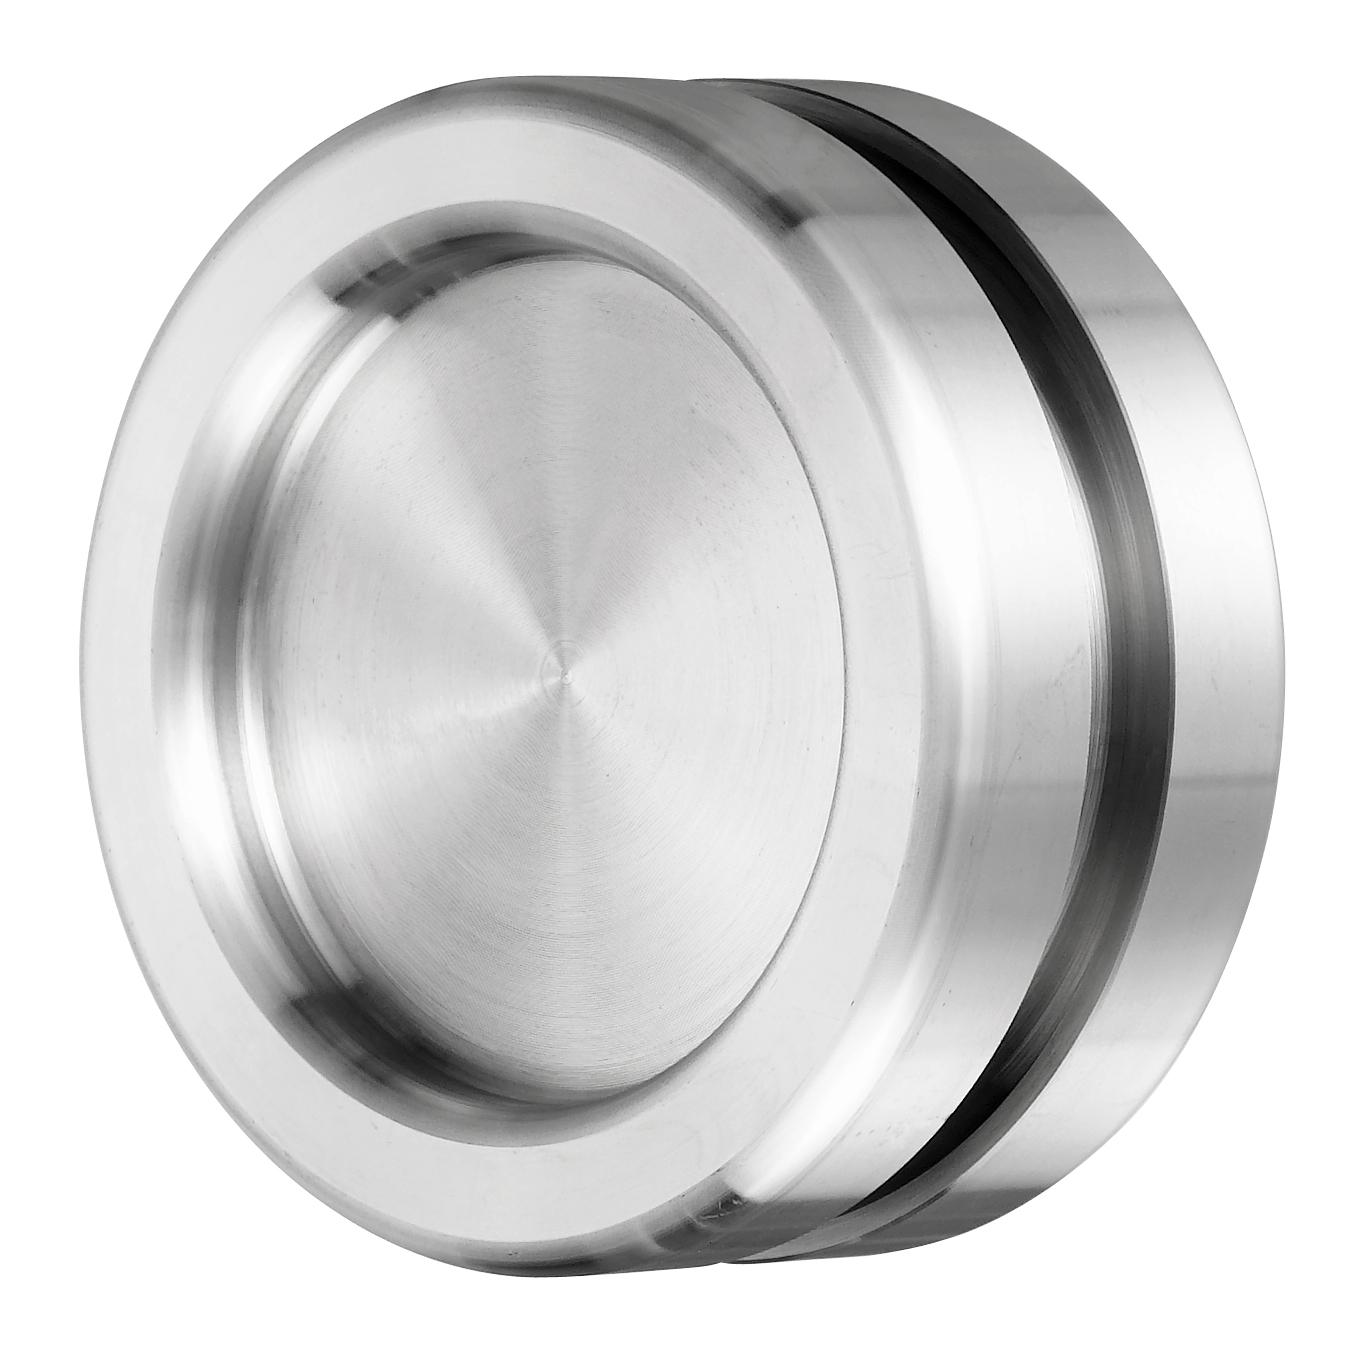 Modele de manere pentru usi din sticla SADEV DECOR - Poza 5